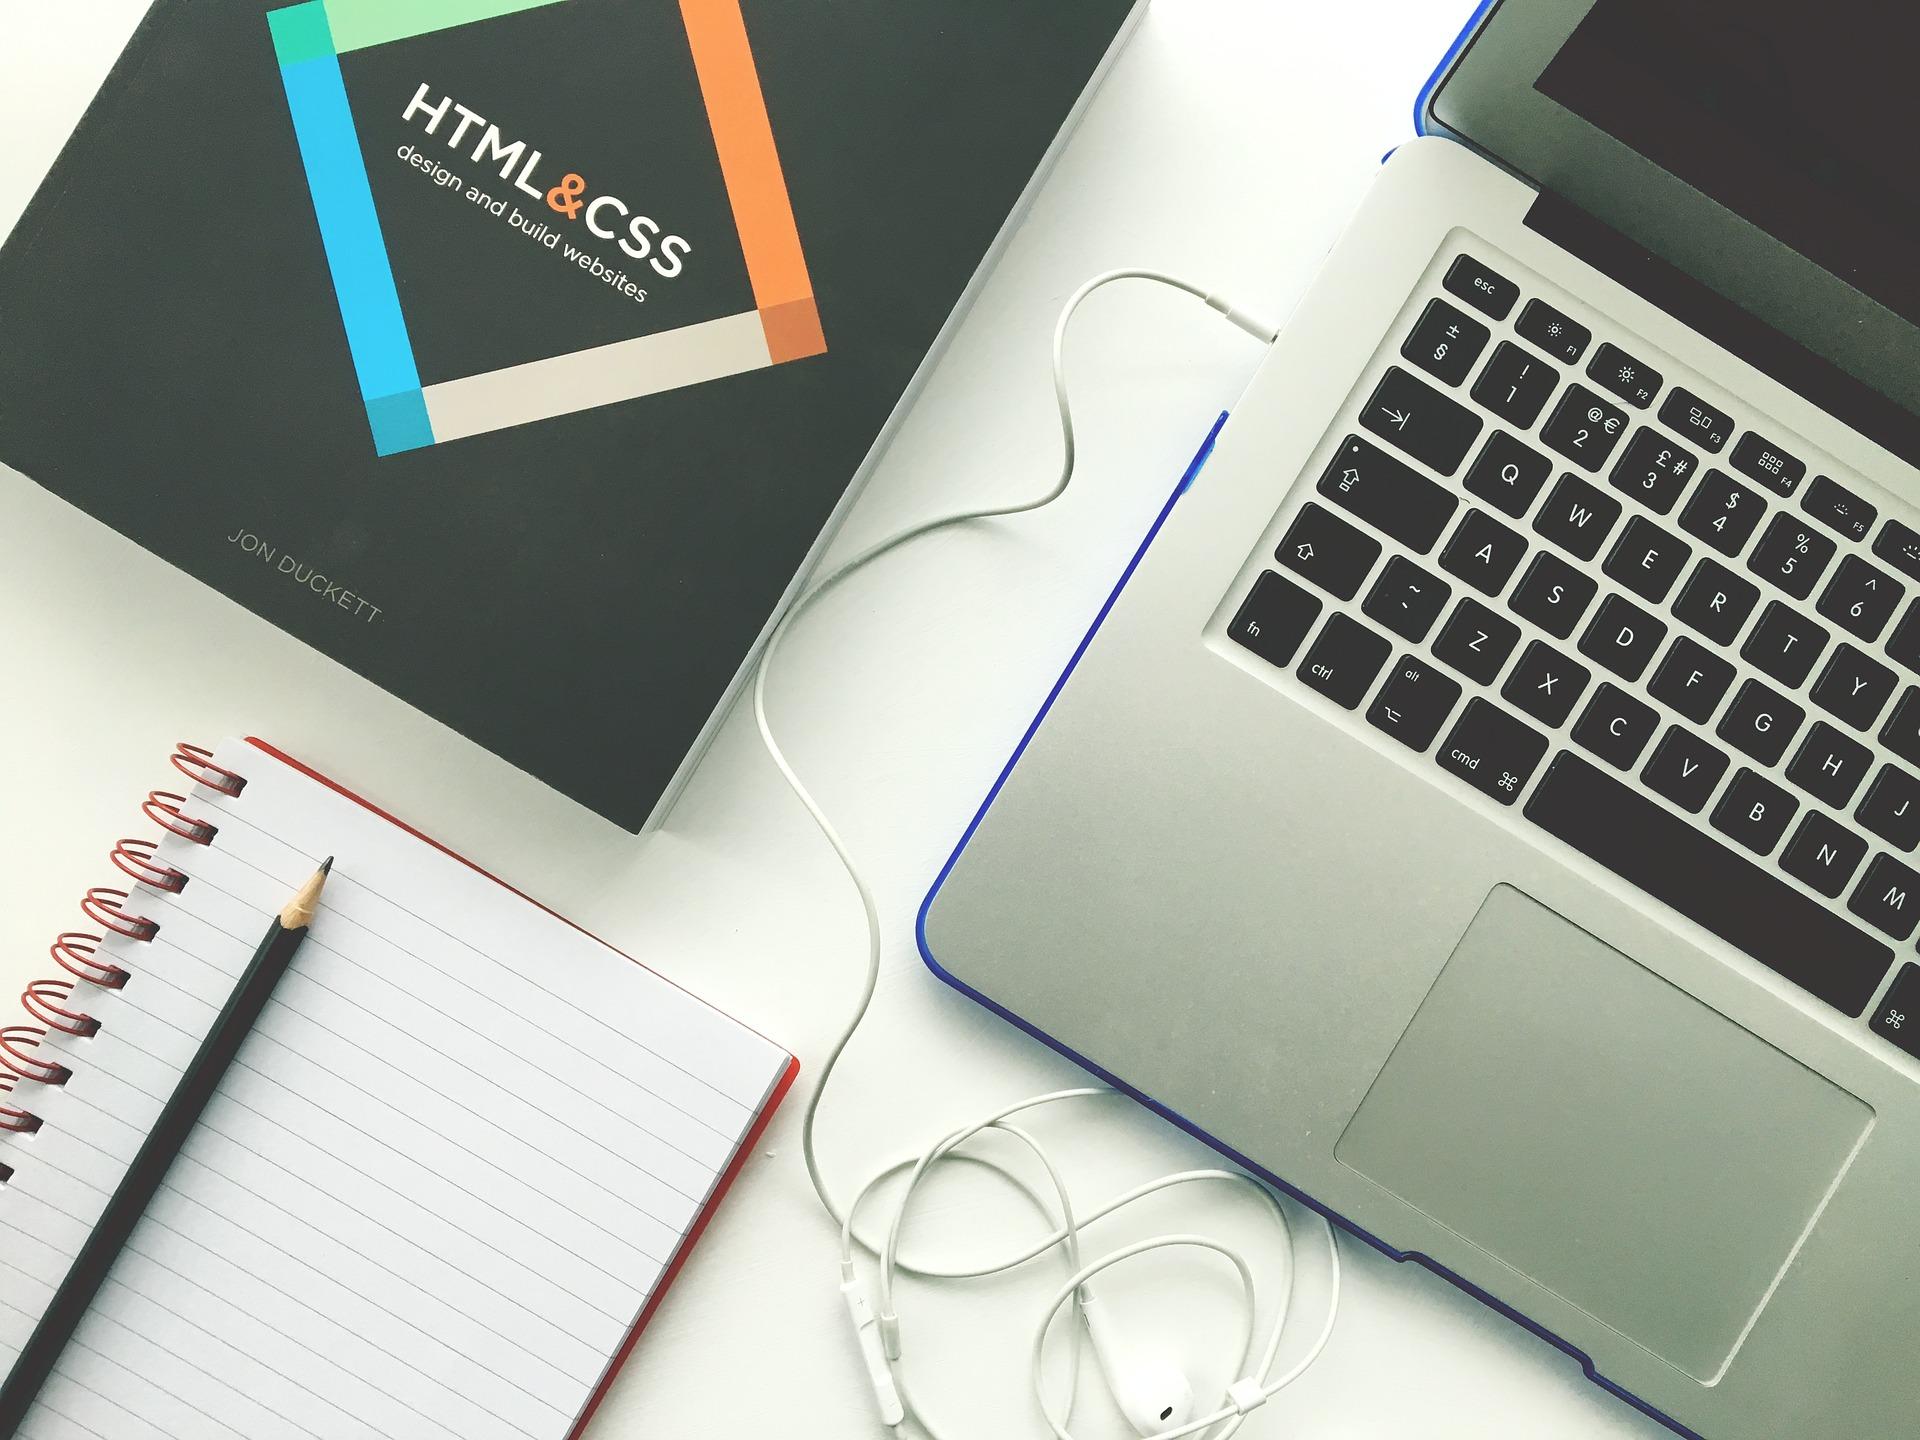 """Notebook com fone de ouvido conectado, caderno, lápis e livros com título """"HTML & CSS""""."""